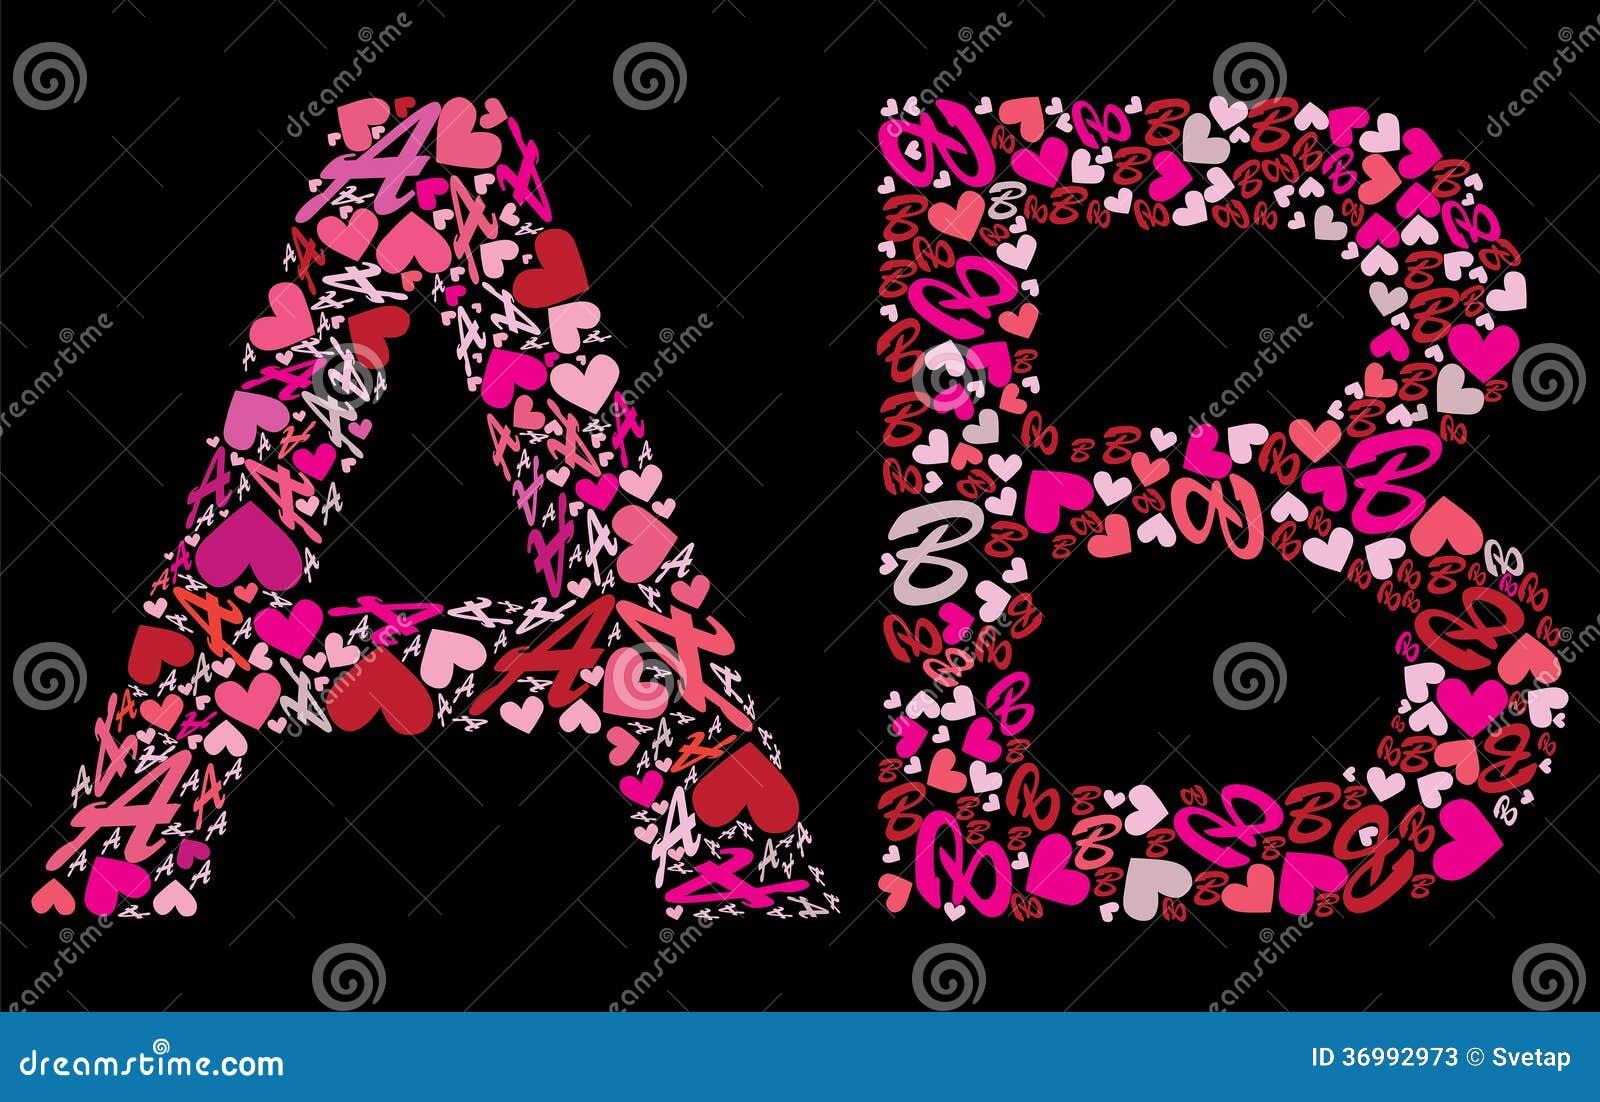 Segni a con lettere l alfabeto di b valentine illustrazione